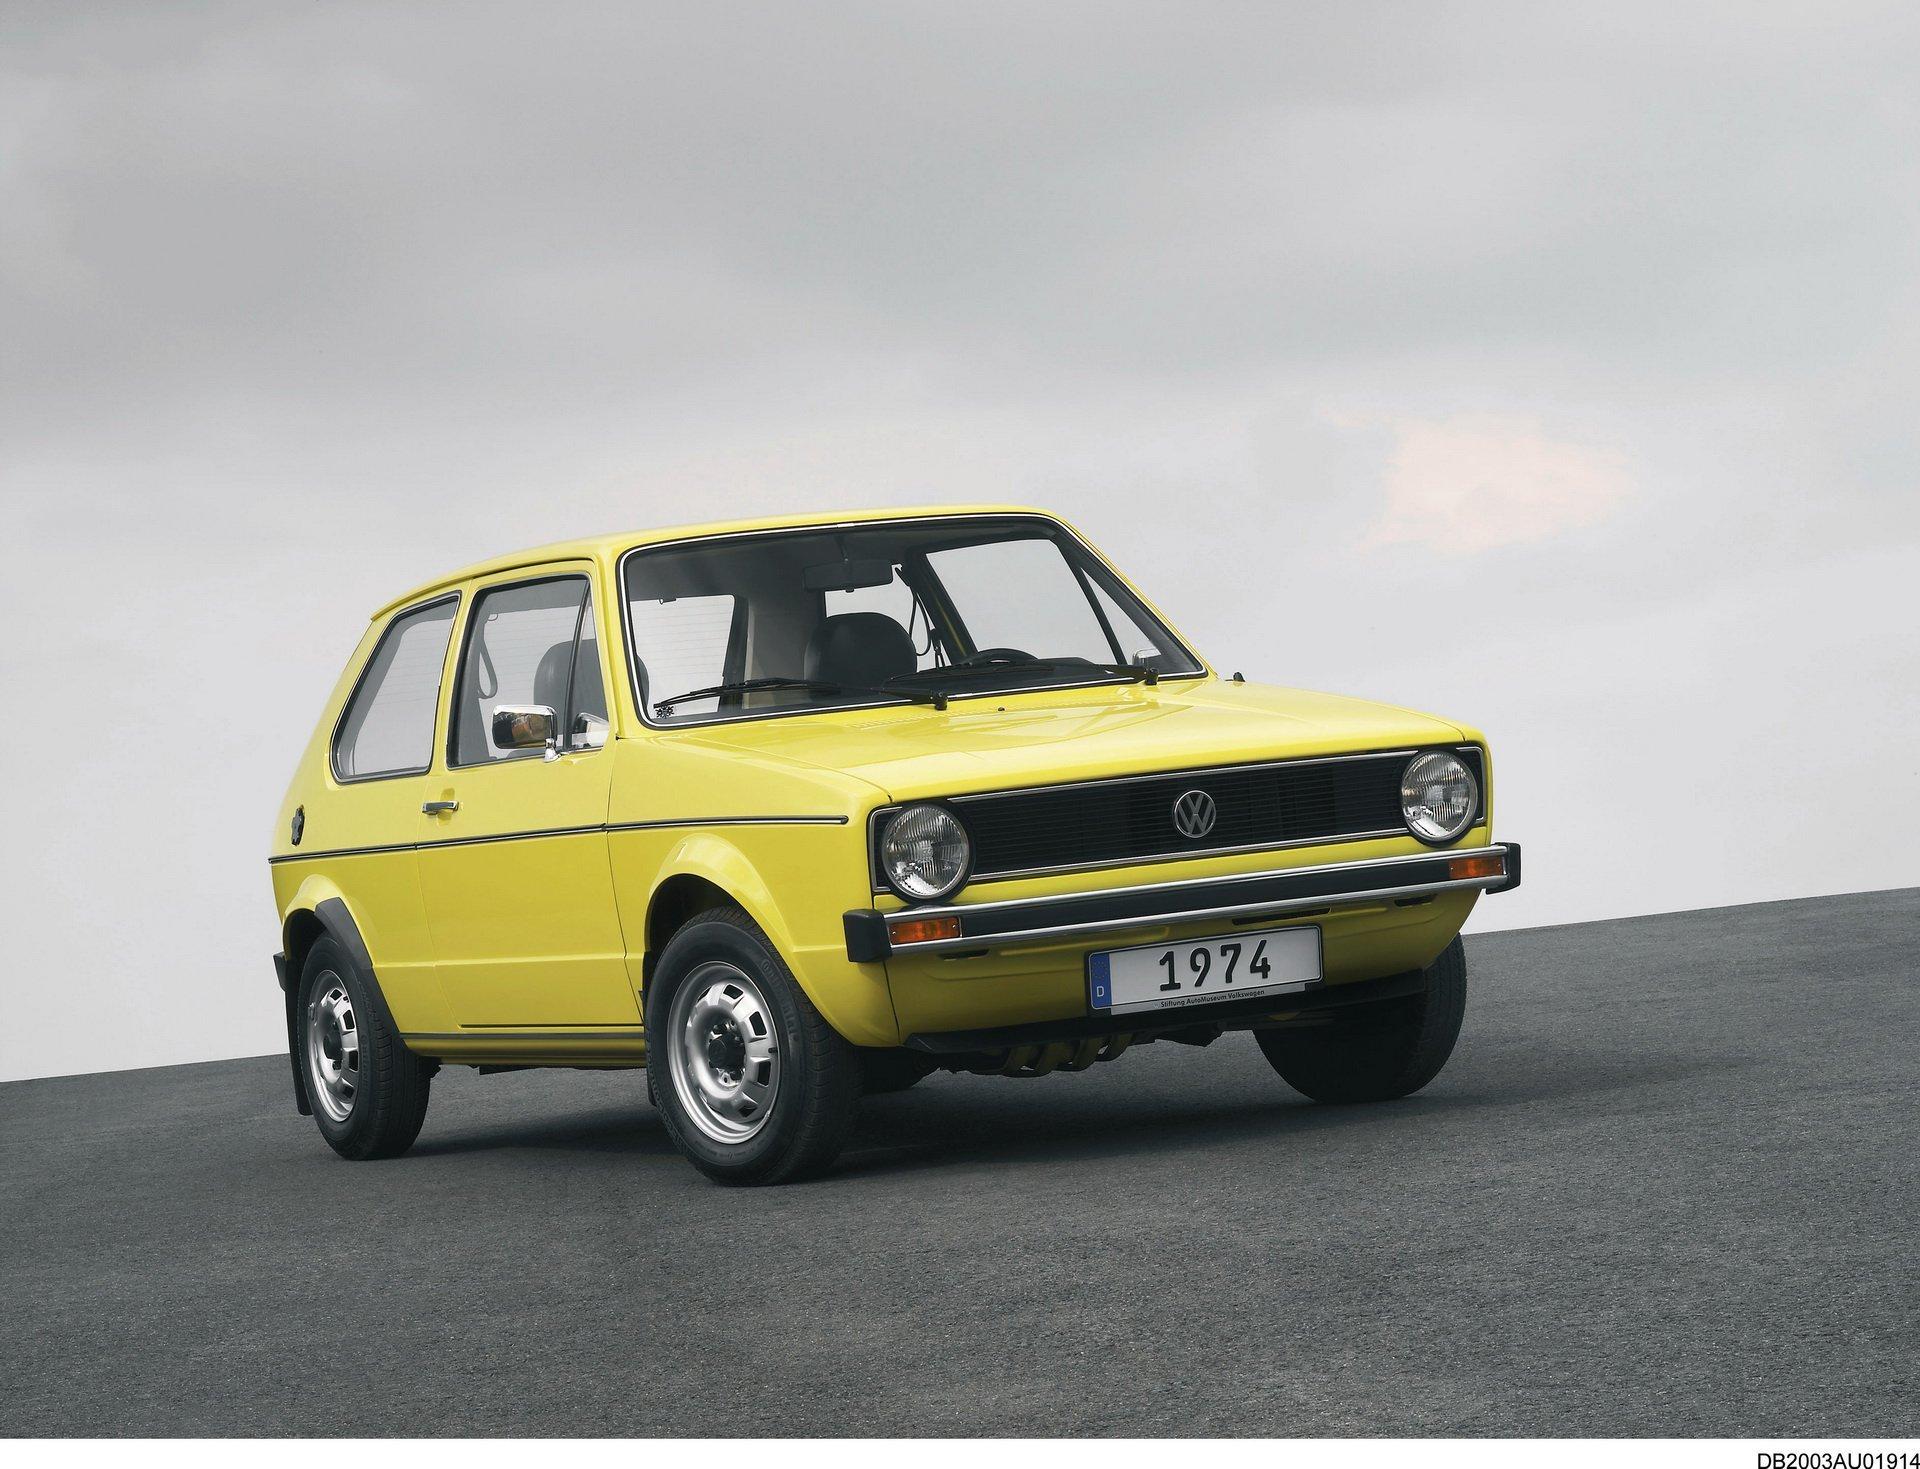 高尔夫车型为大众品牌的历史变迁 车型和内